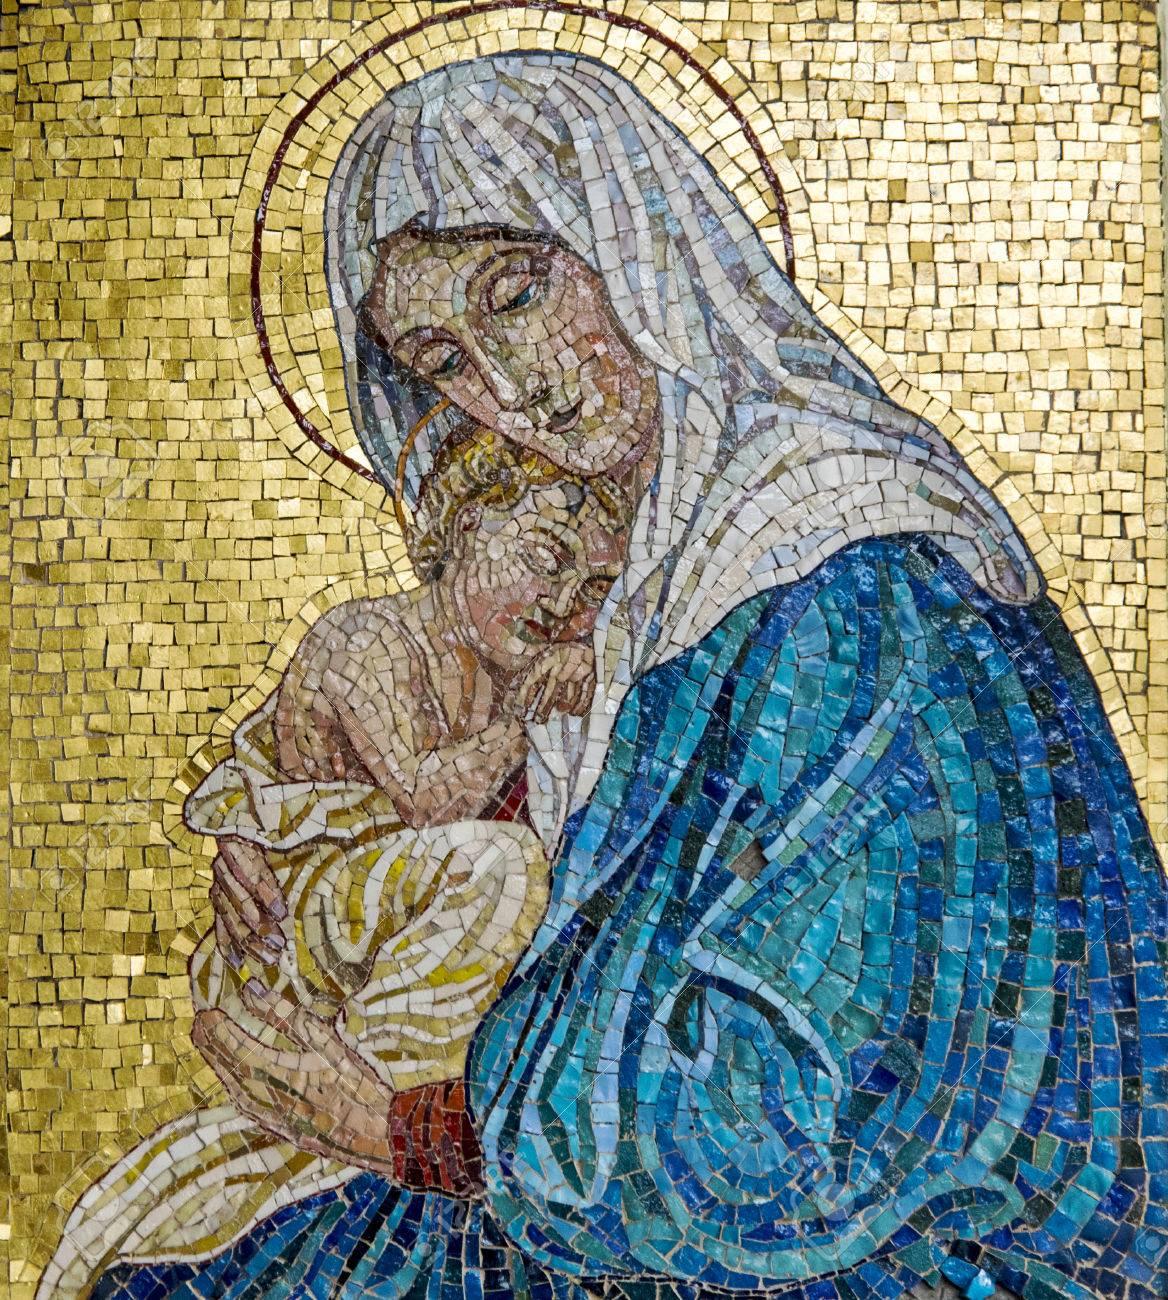 Mosaico De La Virgen María Con El Niño Jesús Fotos Retratos